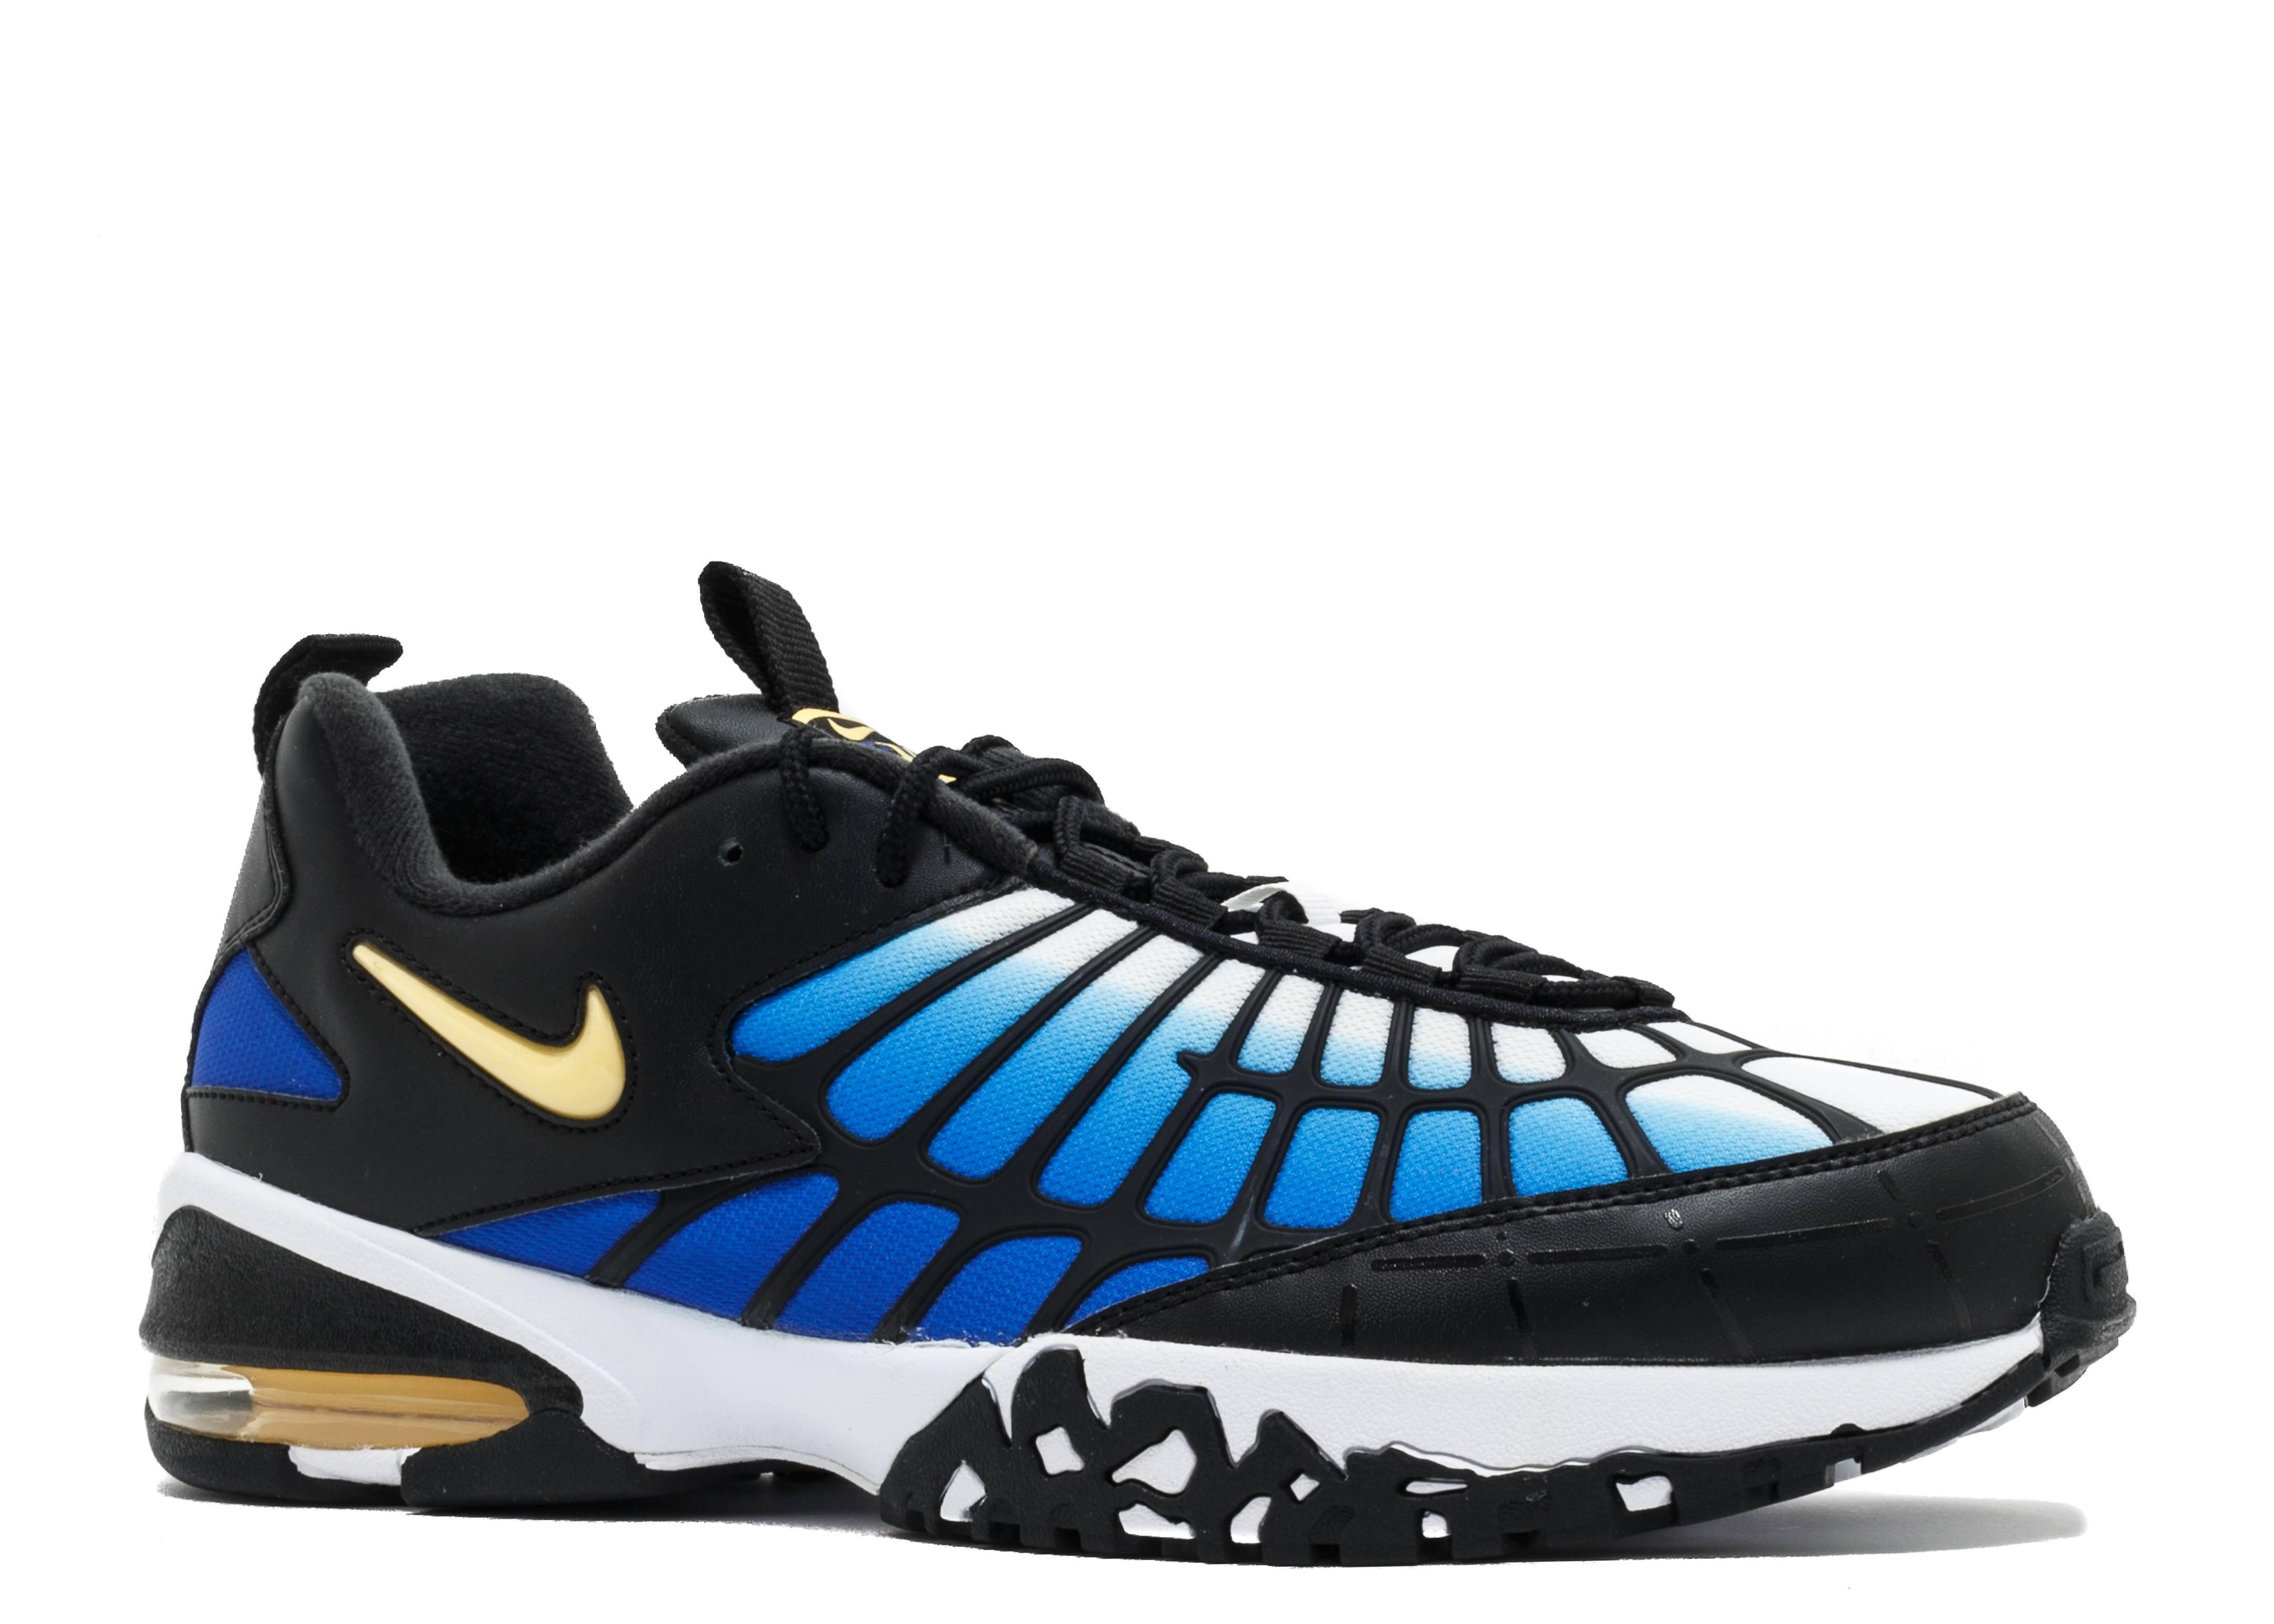 4ab17f8c5bd Air Max 120 - Nike - 819857 400 - hyper blue  chamois-black-white ...